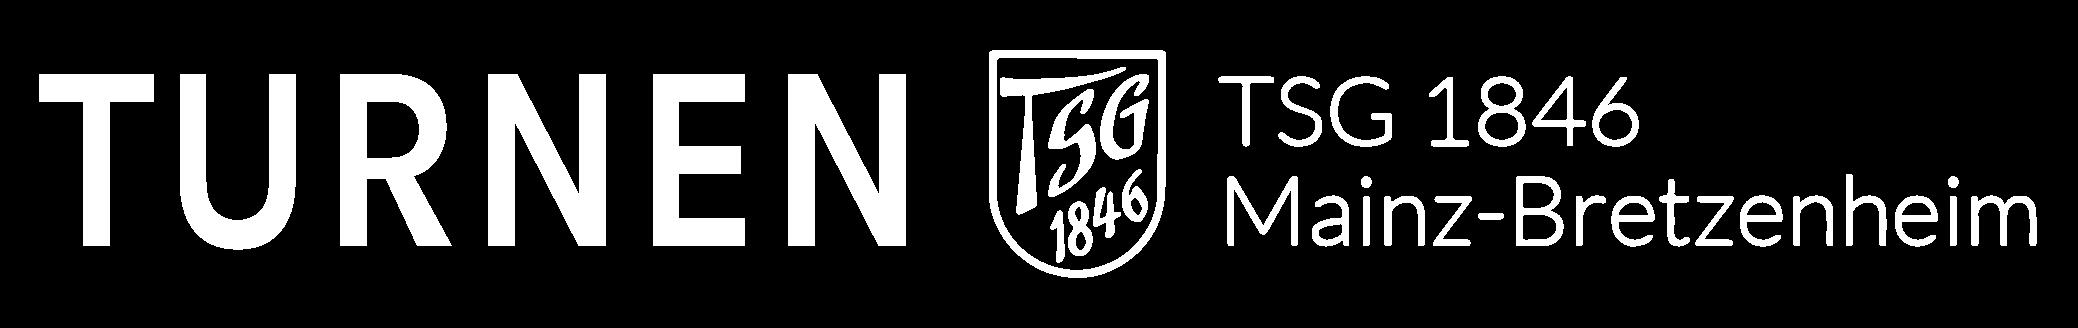 Turnen TSG 1846 Mainz-Bretzenheim